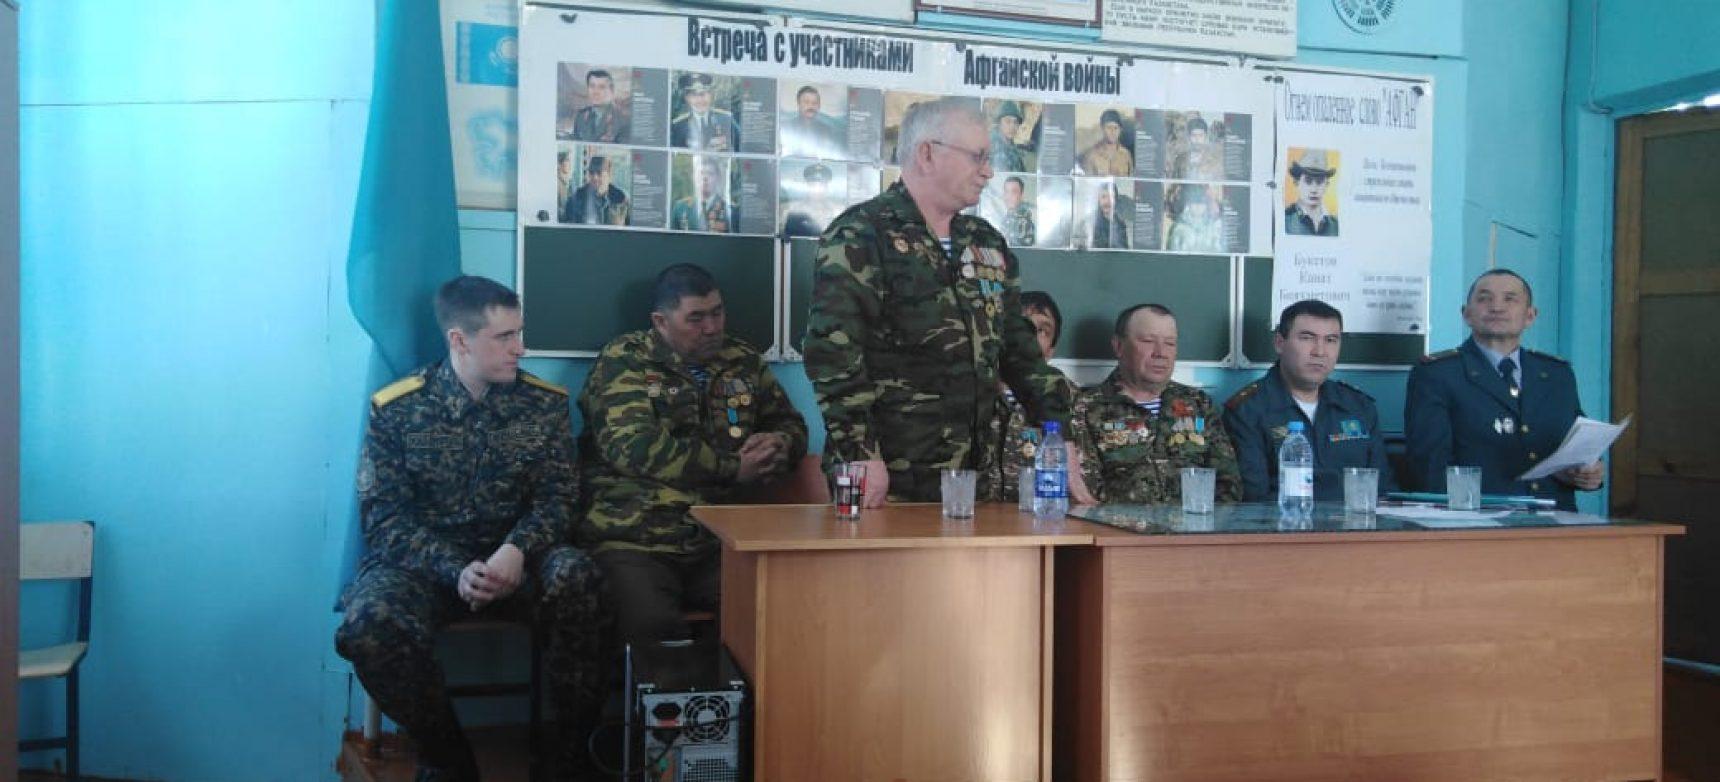 Встреча с воинами-интернационалистами, посвященная Дню вывода советских войск из Афганистана.